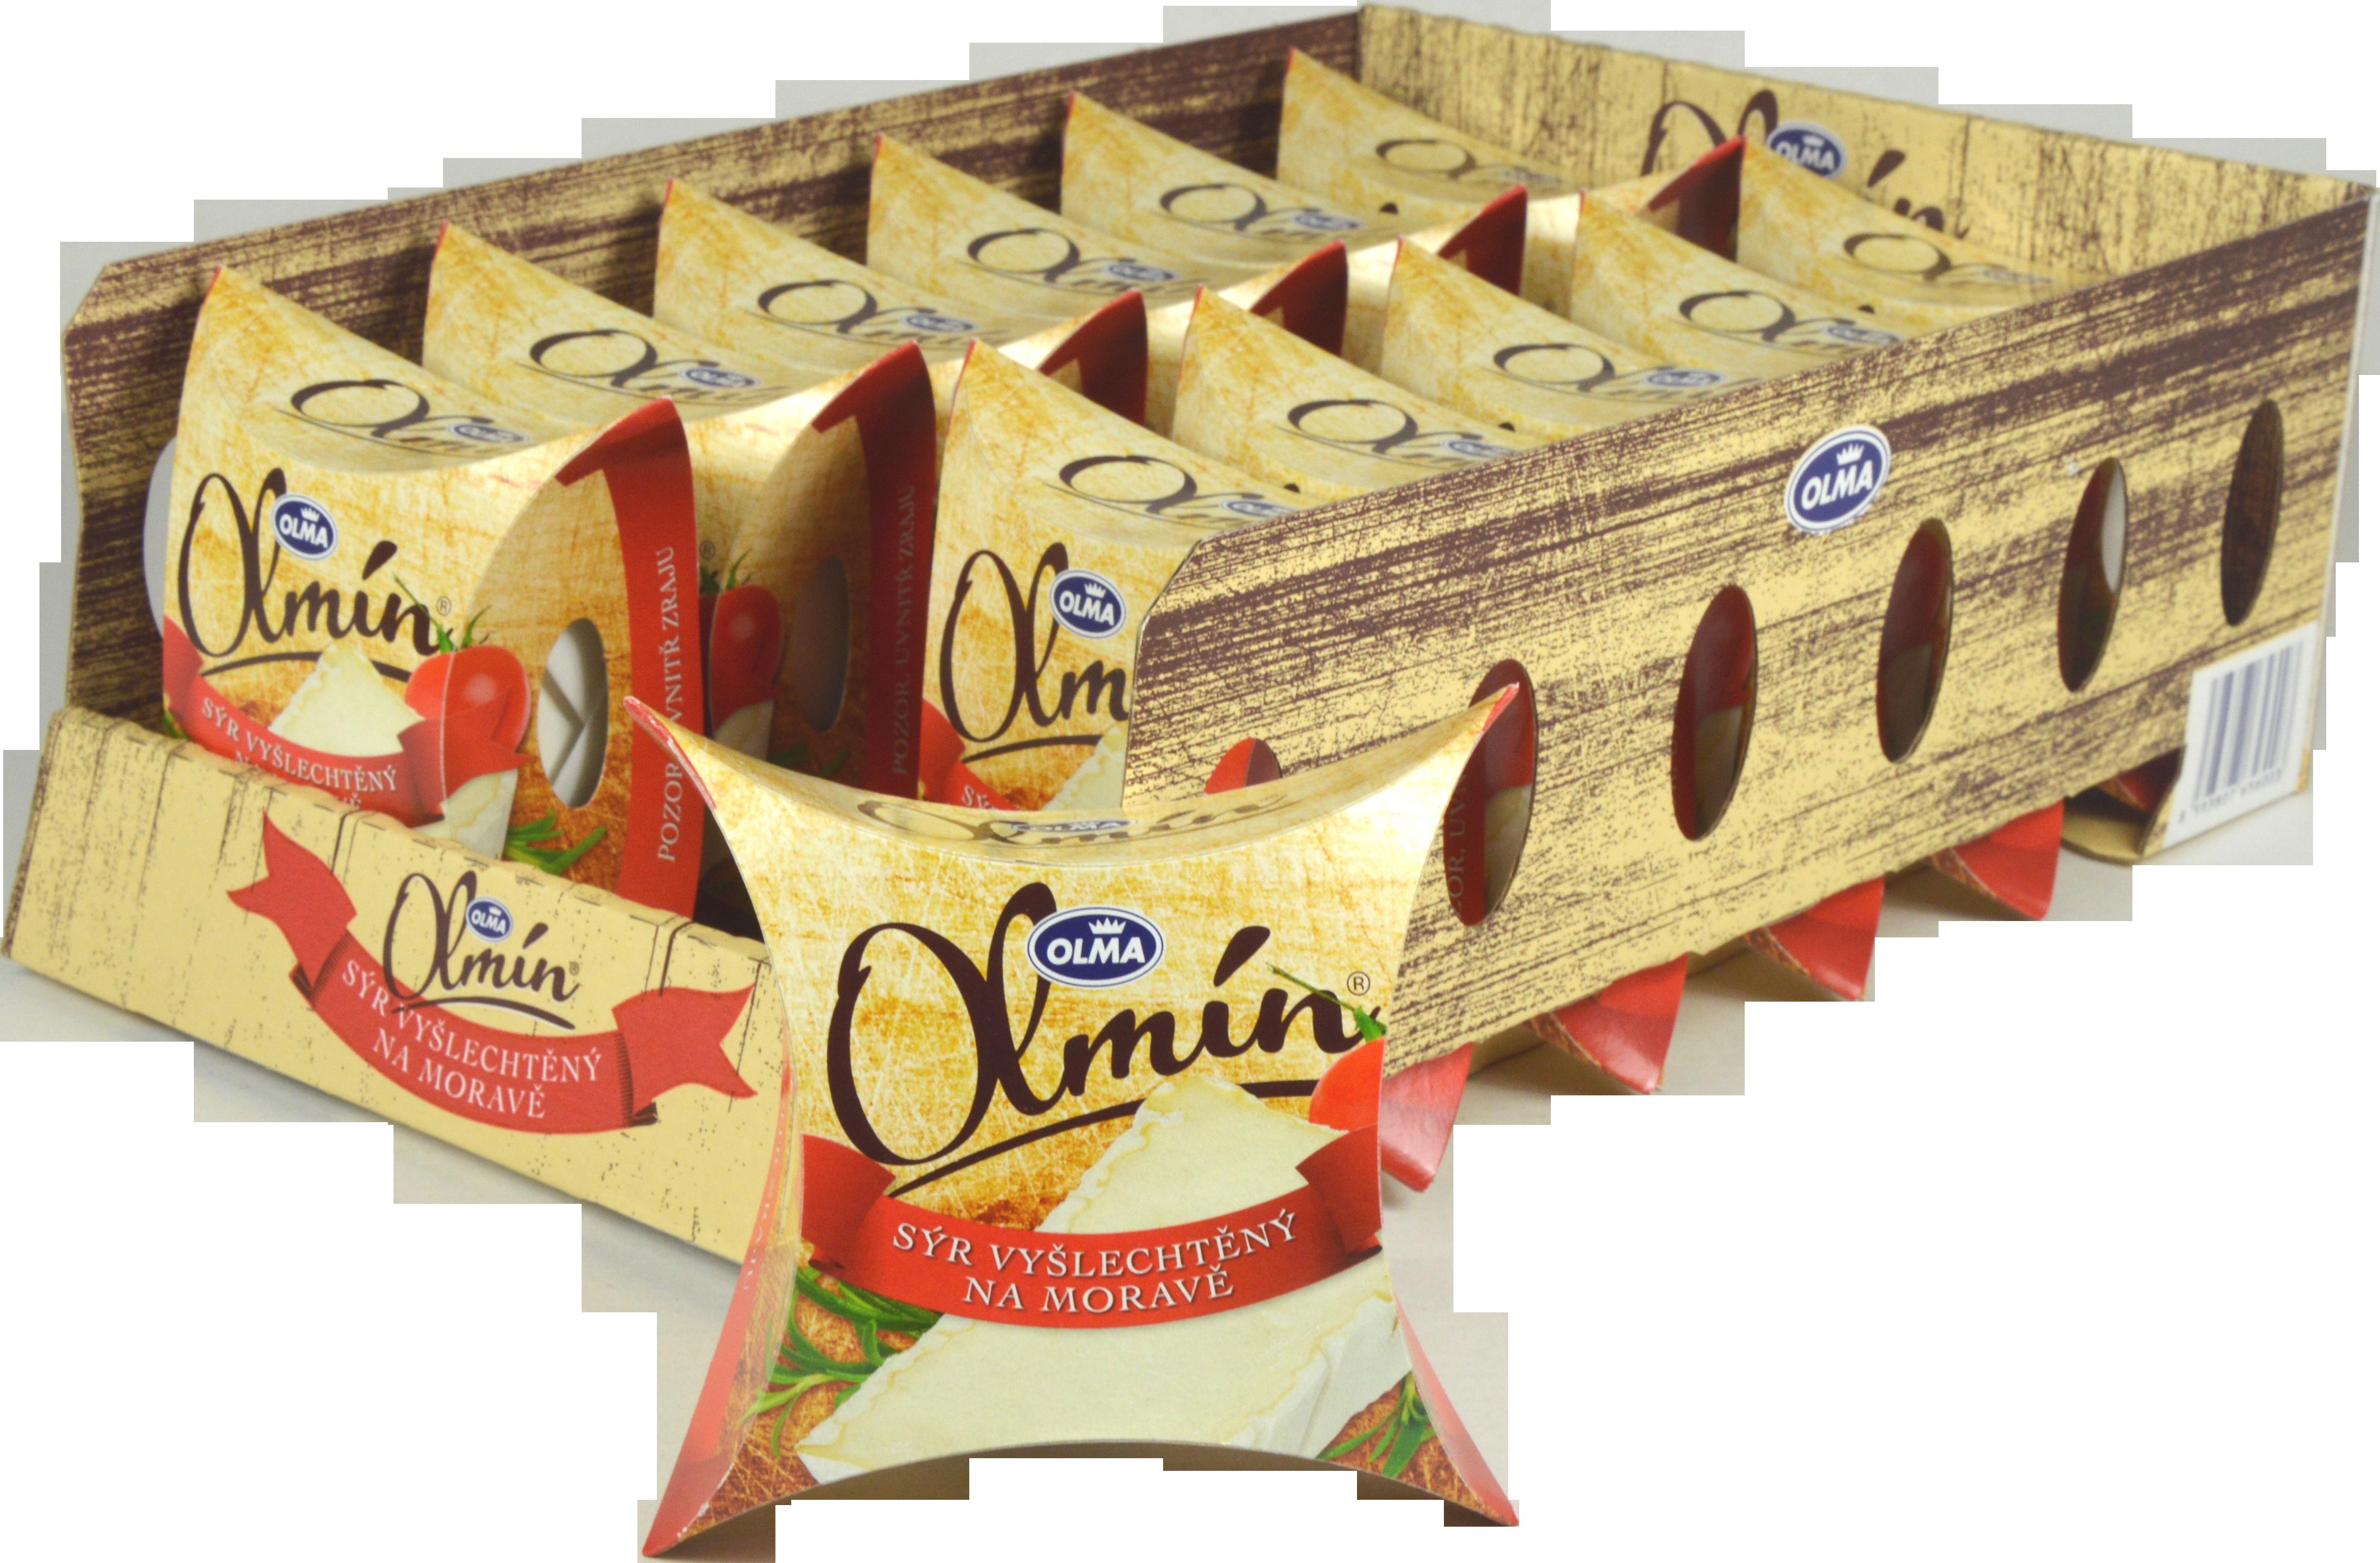 THIMM_OLMA_Olmin_2